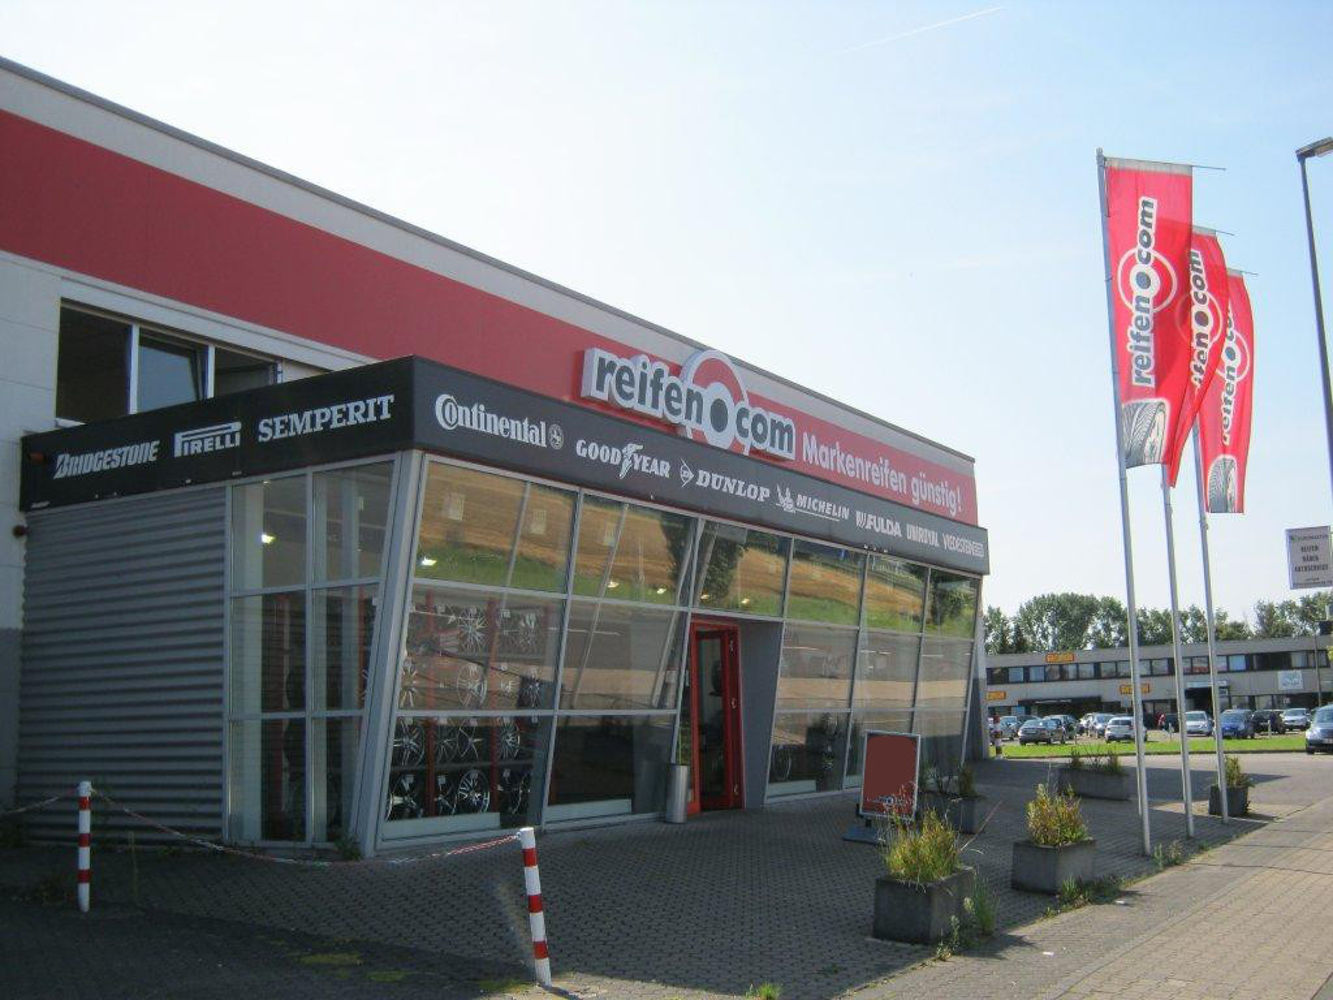 Eingangsbereich reifen.com-Filiale in Köln Hahnwald